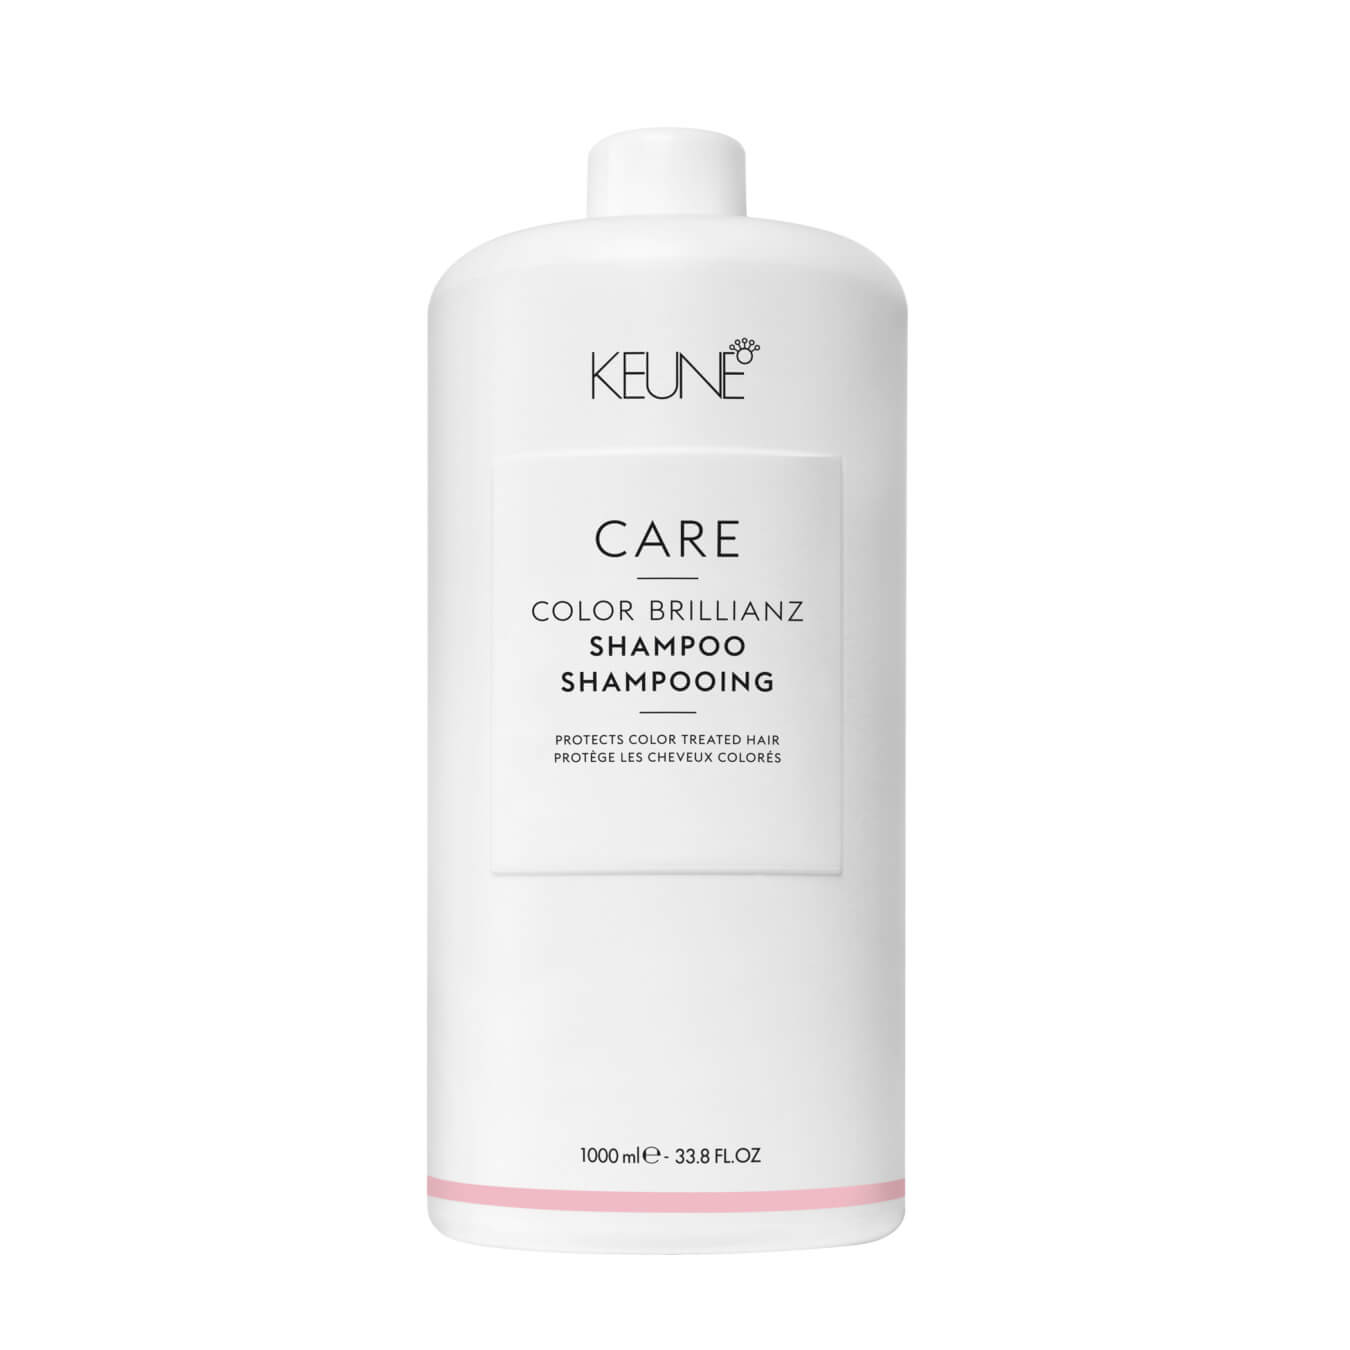 Kauf Keune Care Color Brillianz Shampoo 1000ml